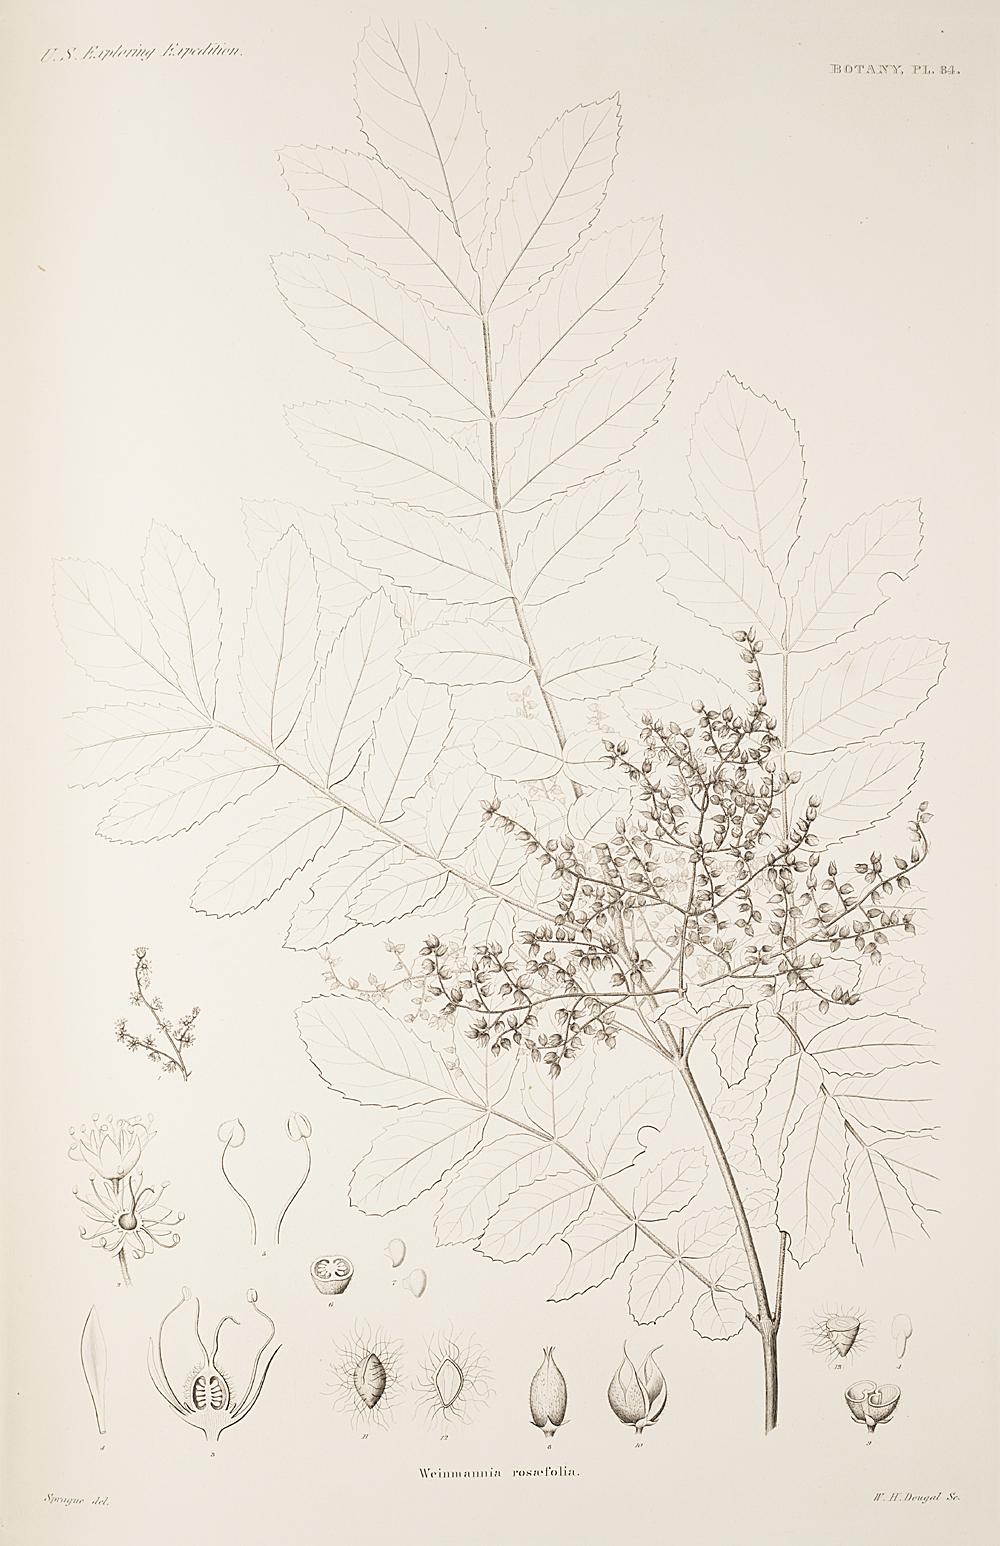 Botany, Pl. 84,  Image number:sil19-23-179b